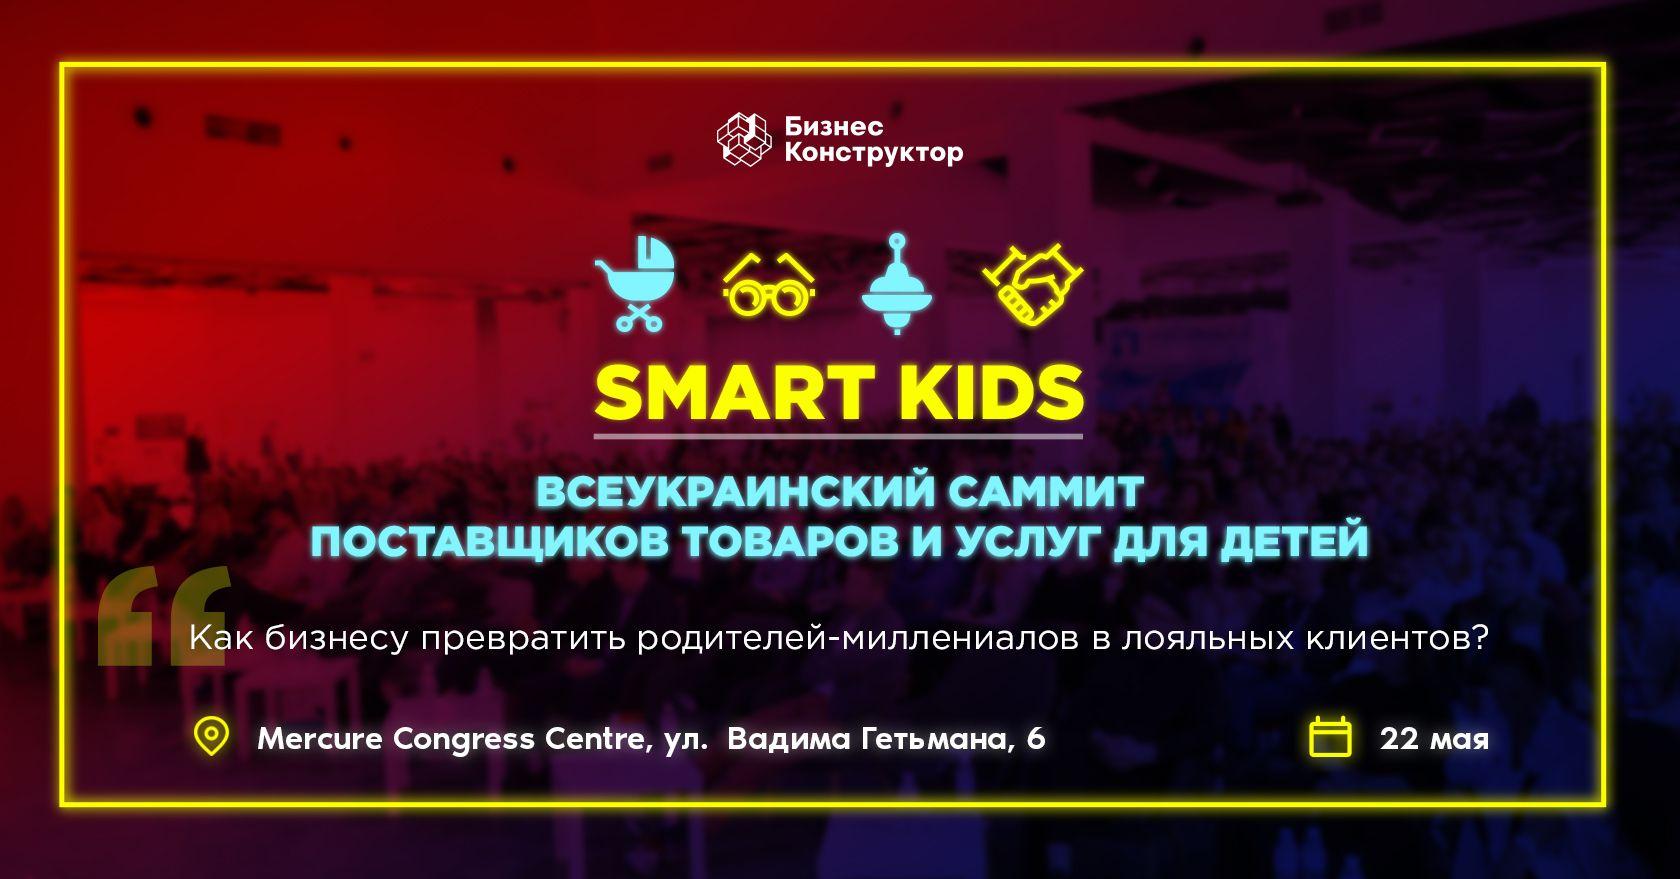 Смарт Кидс саммит